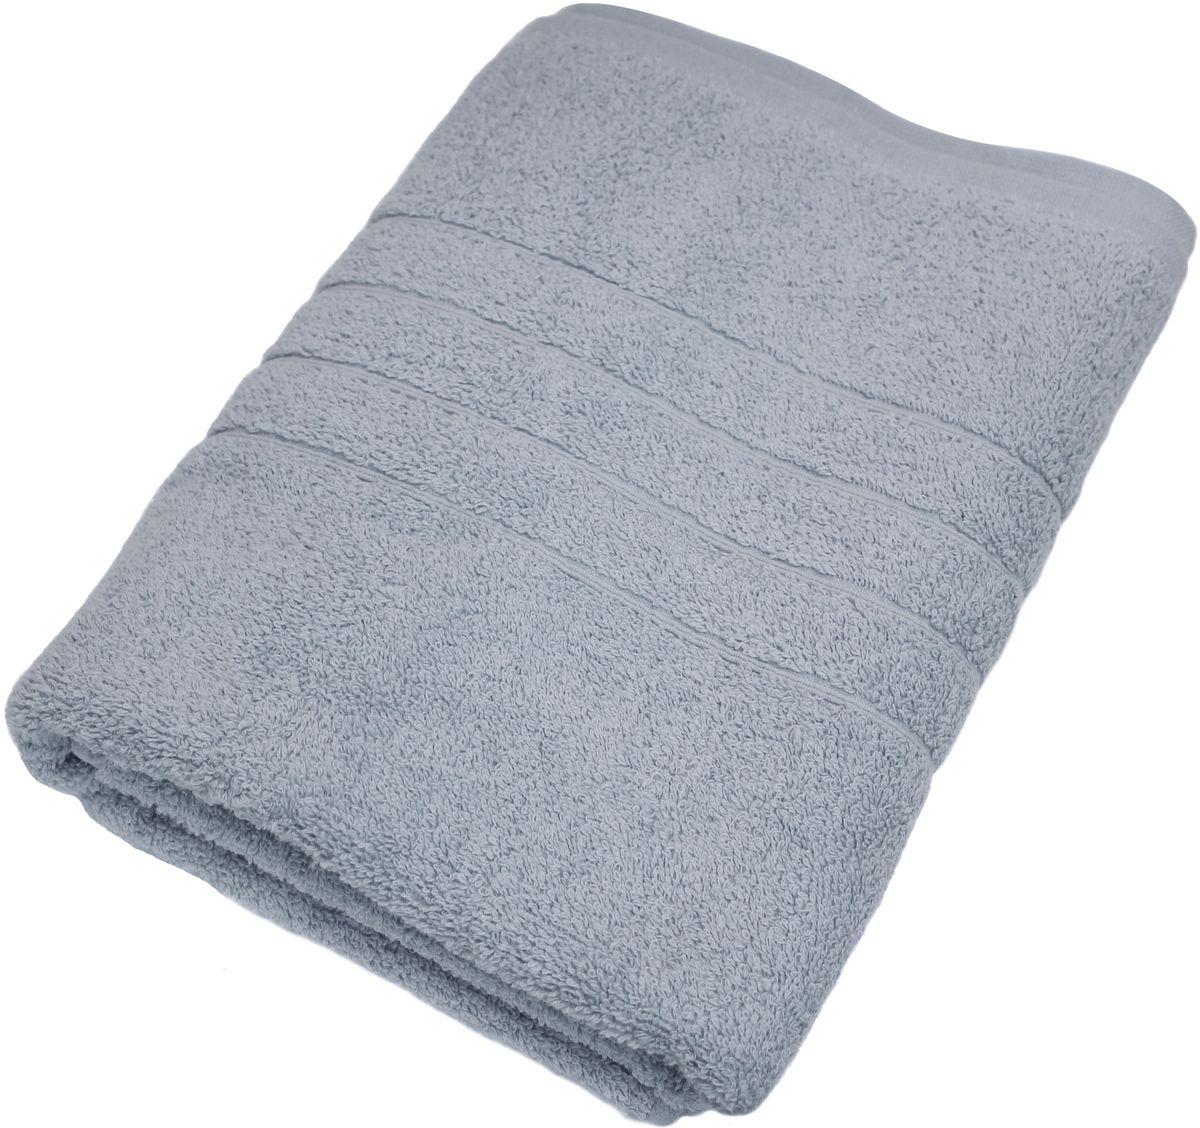 Полотенце Proffi Home Модерн, цвет: серый, 70x140 смPH3273Состав: 100% хлопок.